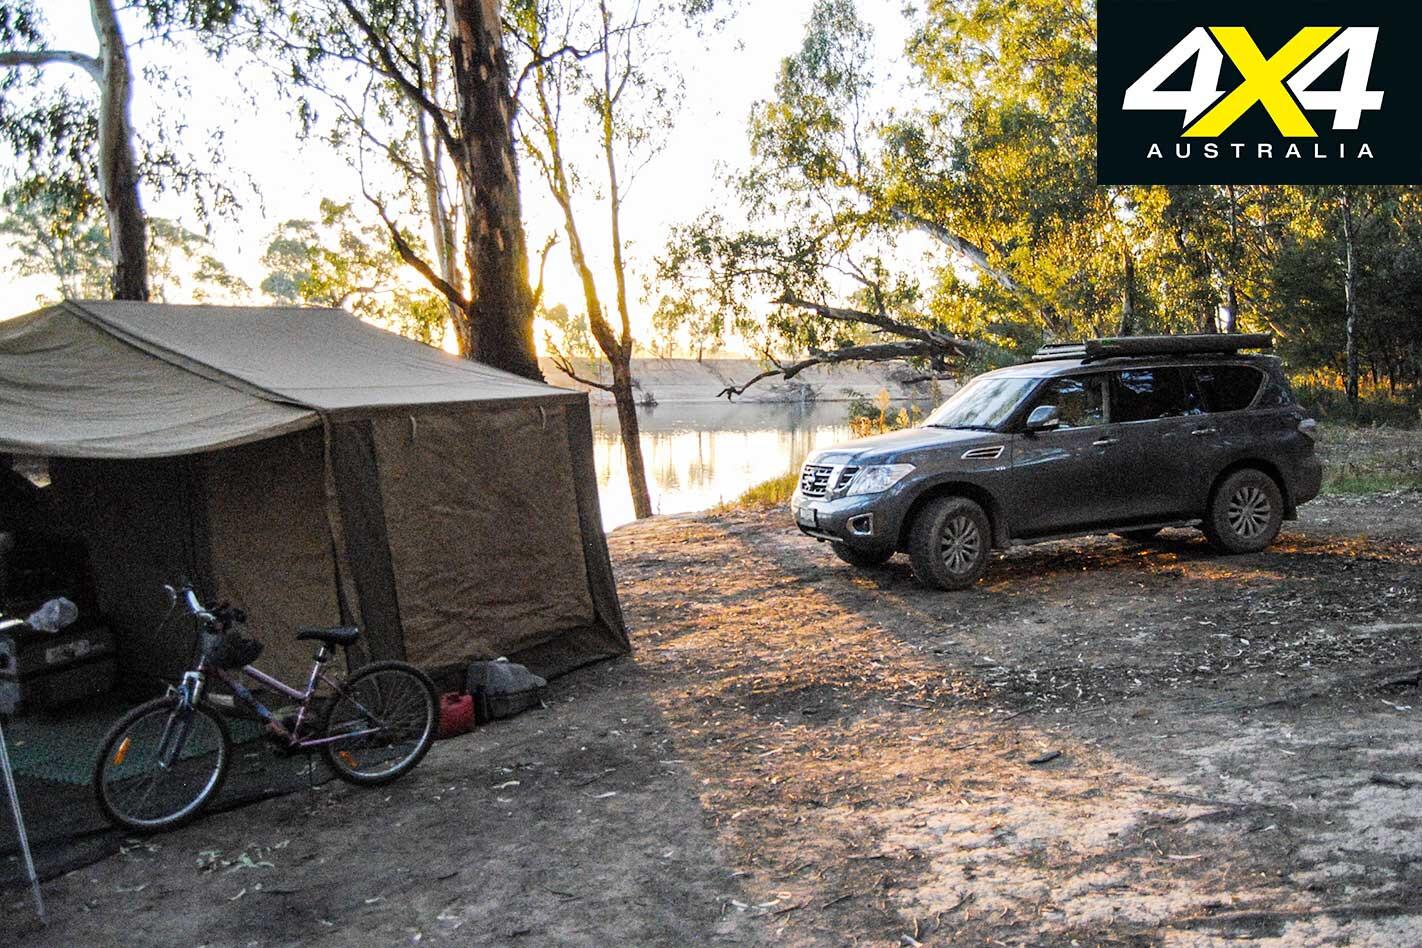 4 X 4 Shed 2017 Nissan Patrol Ti L Sunset Jpg